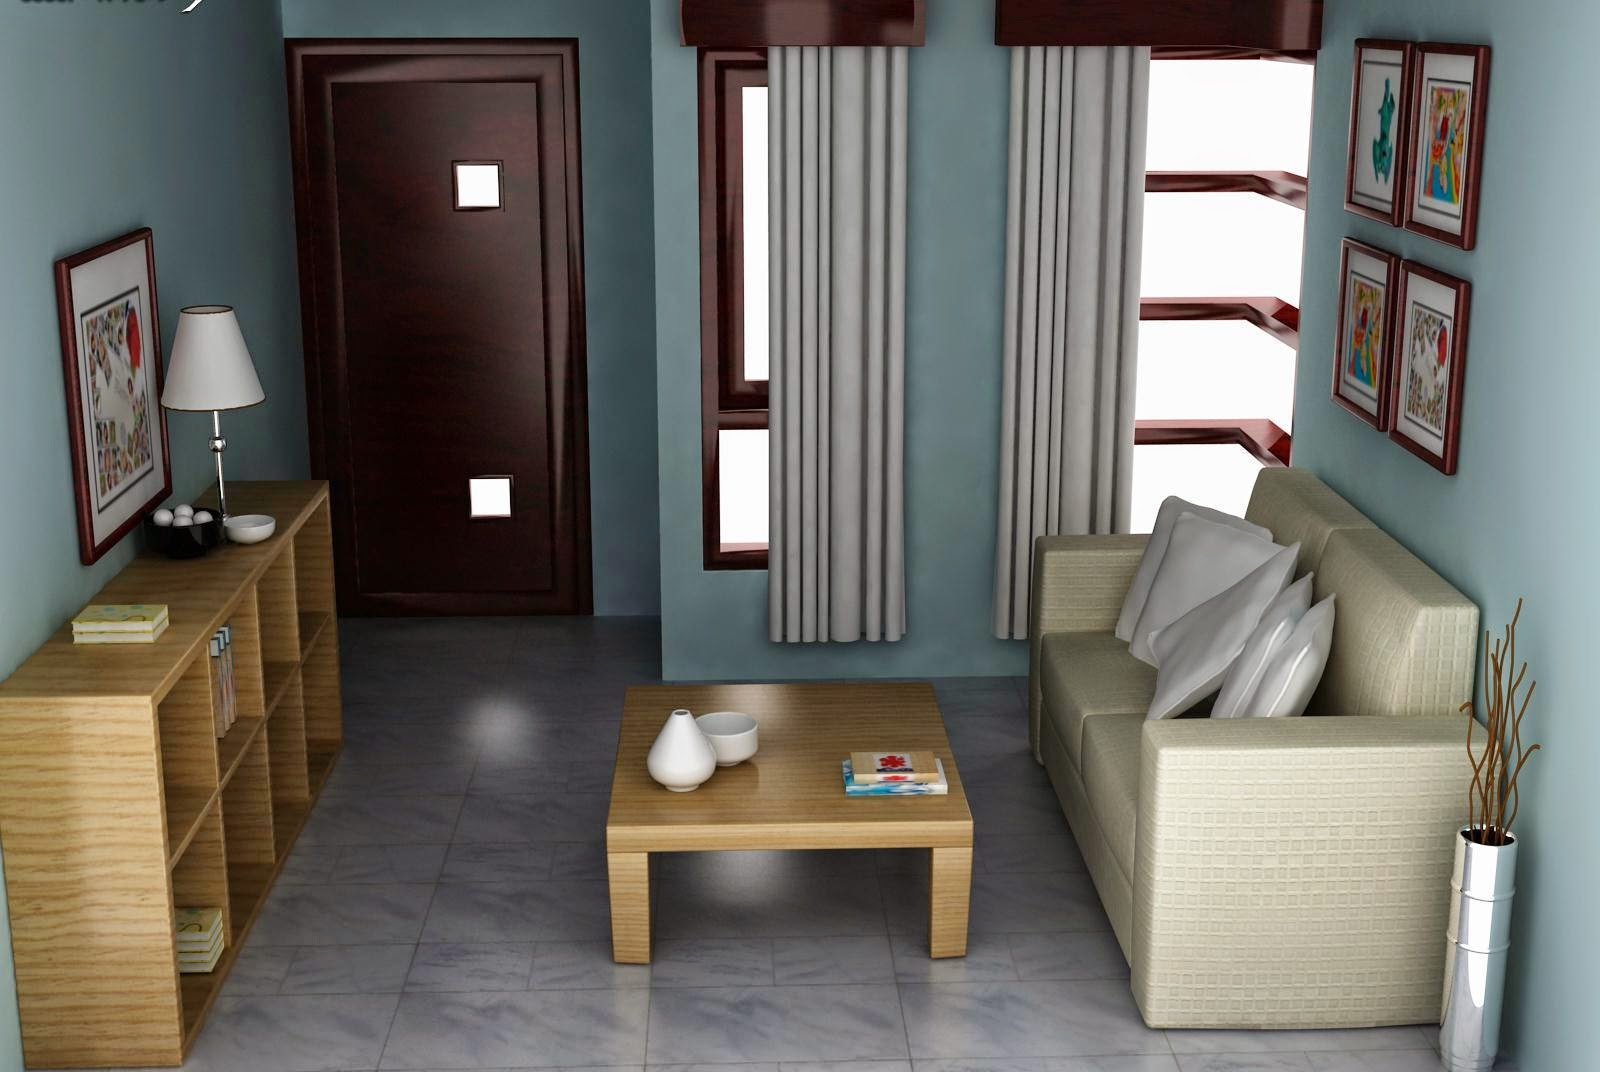 Desain Ruang Tamu Di Teras Rumah  Kumpulan Desain Rumah